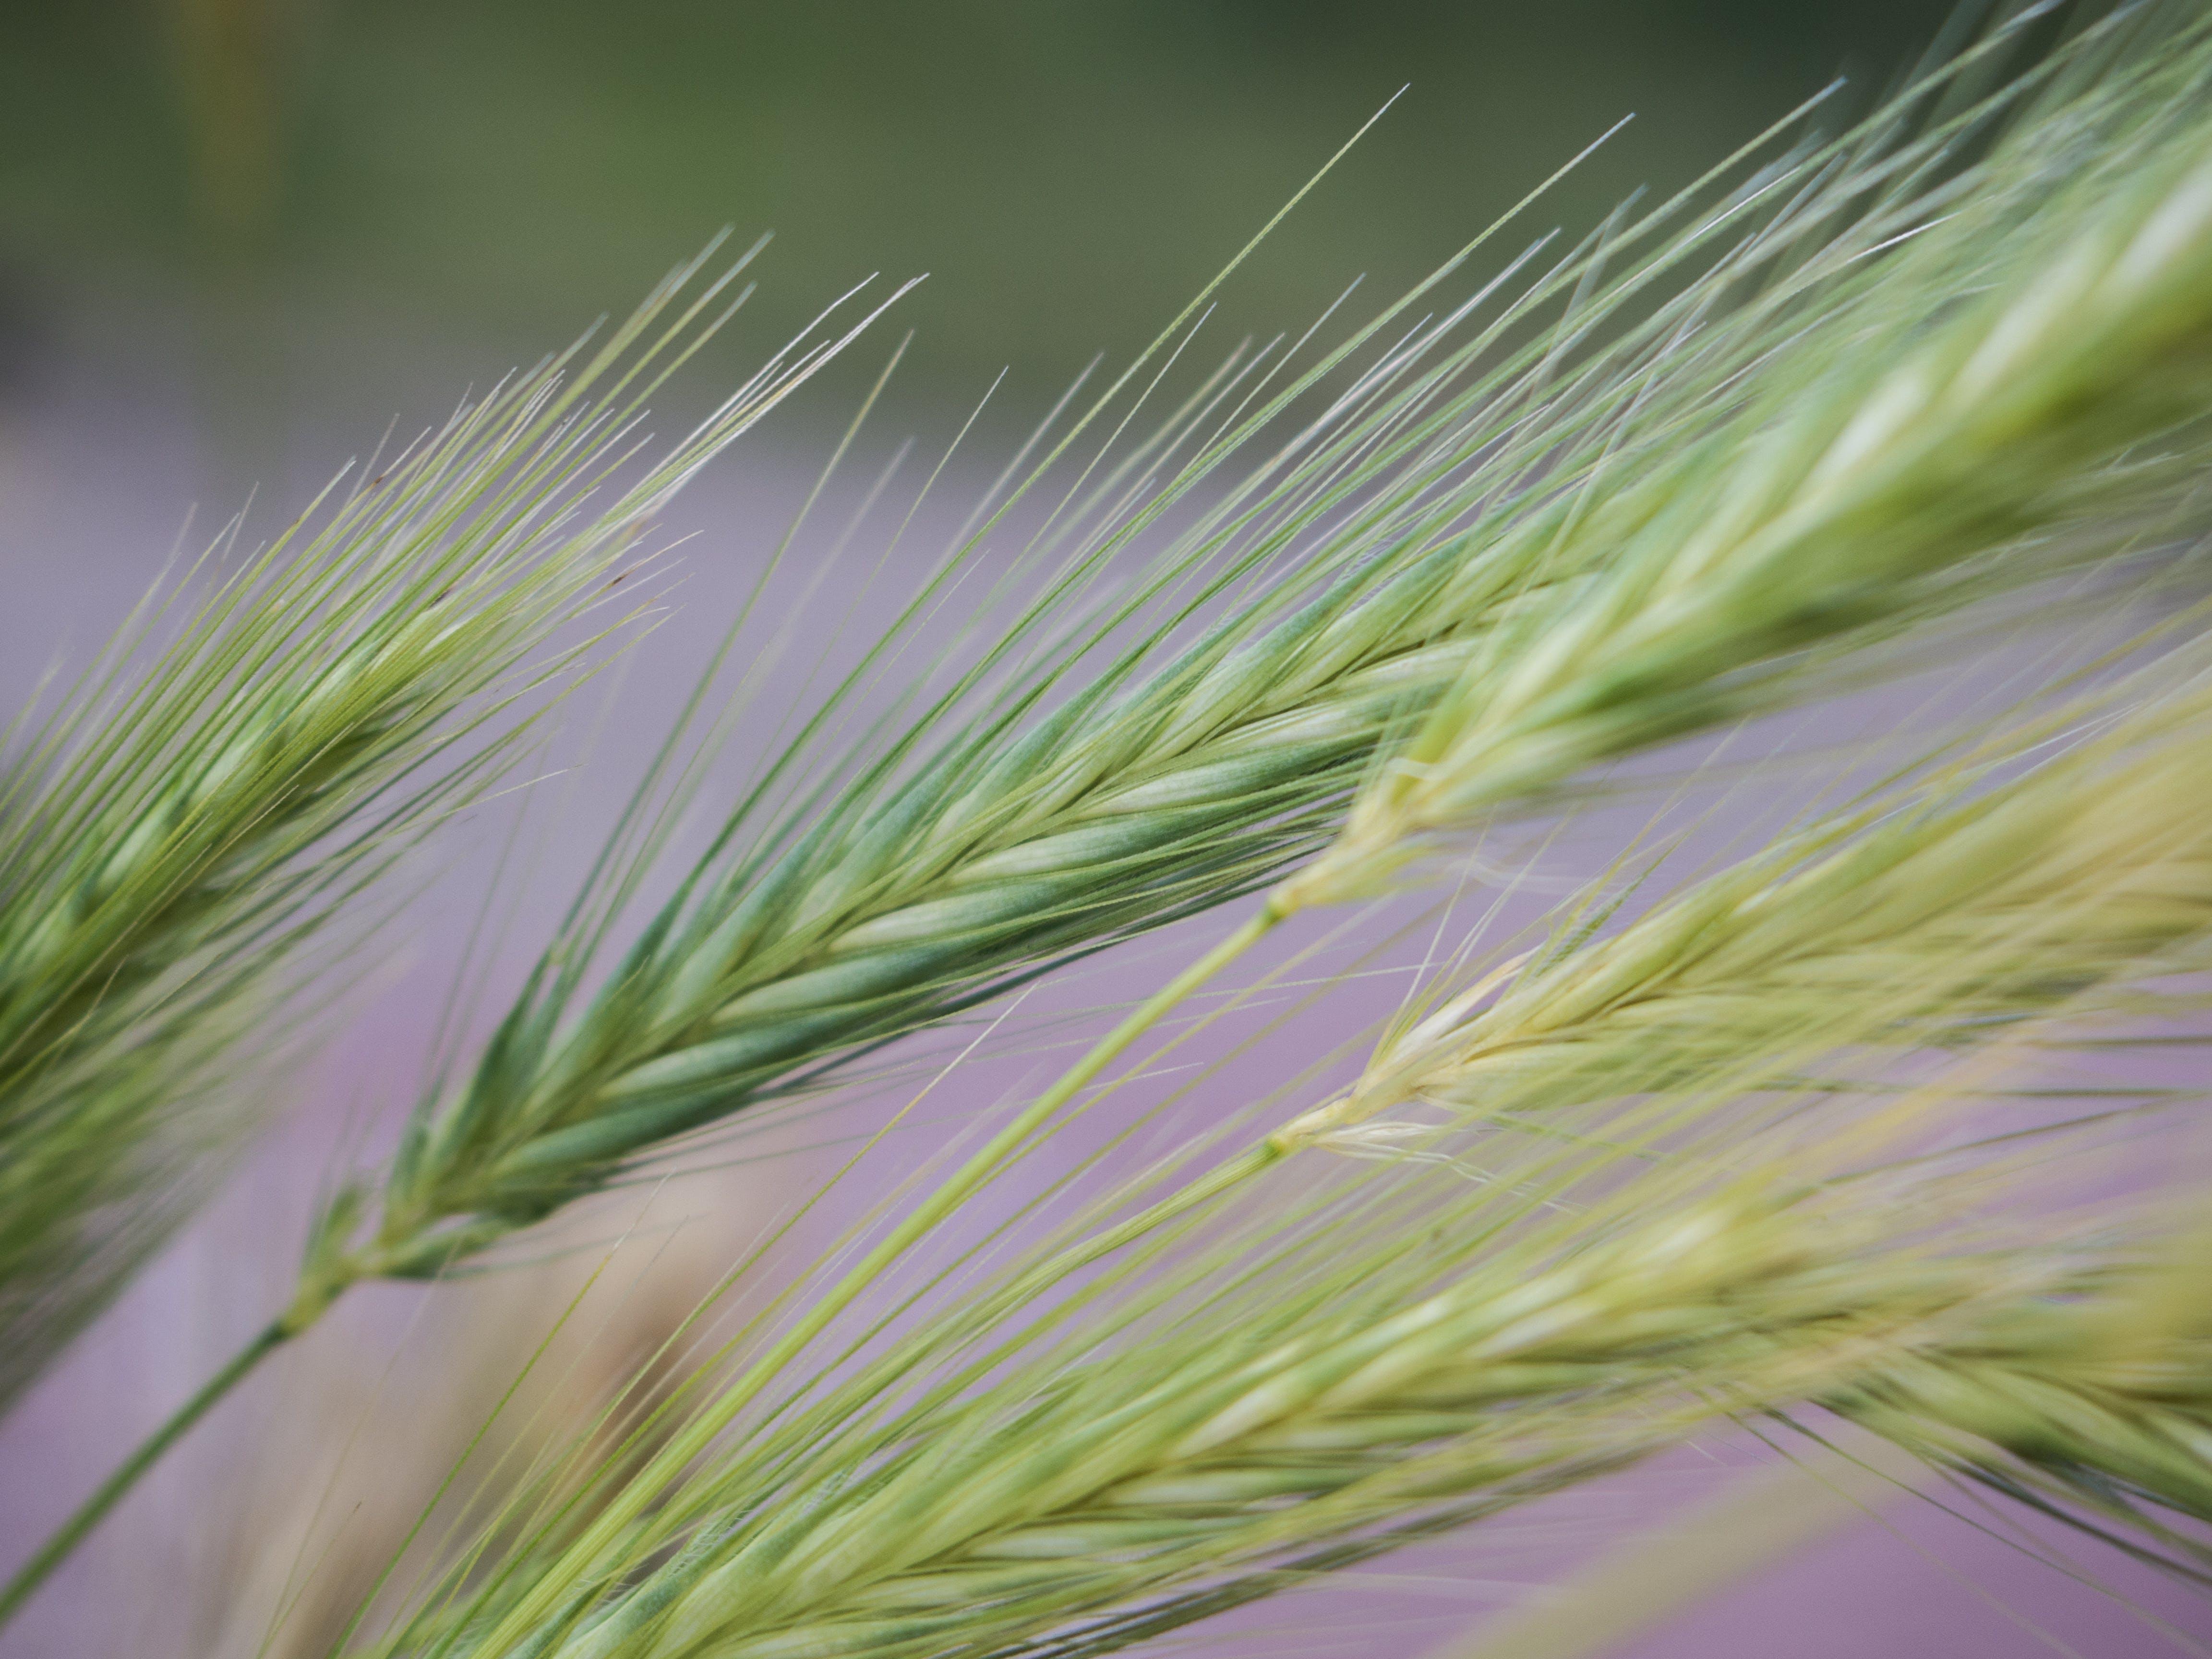 grain, grass, harvest